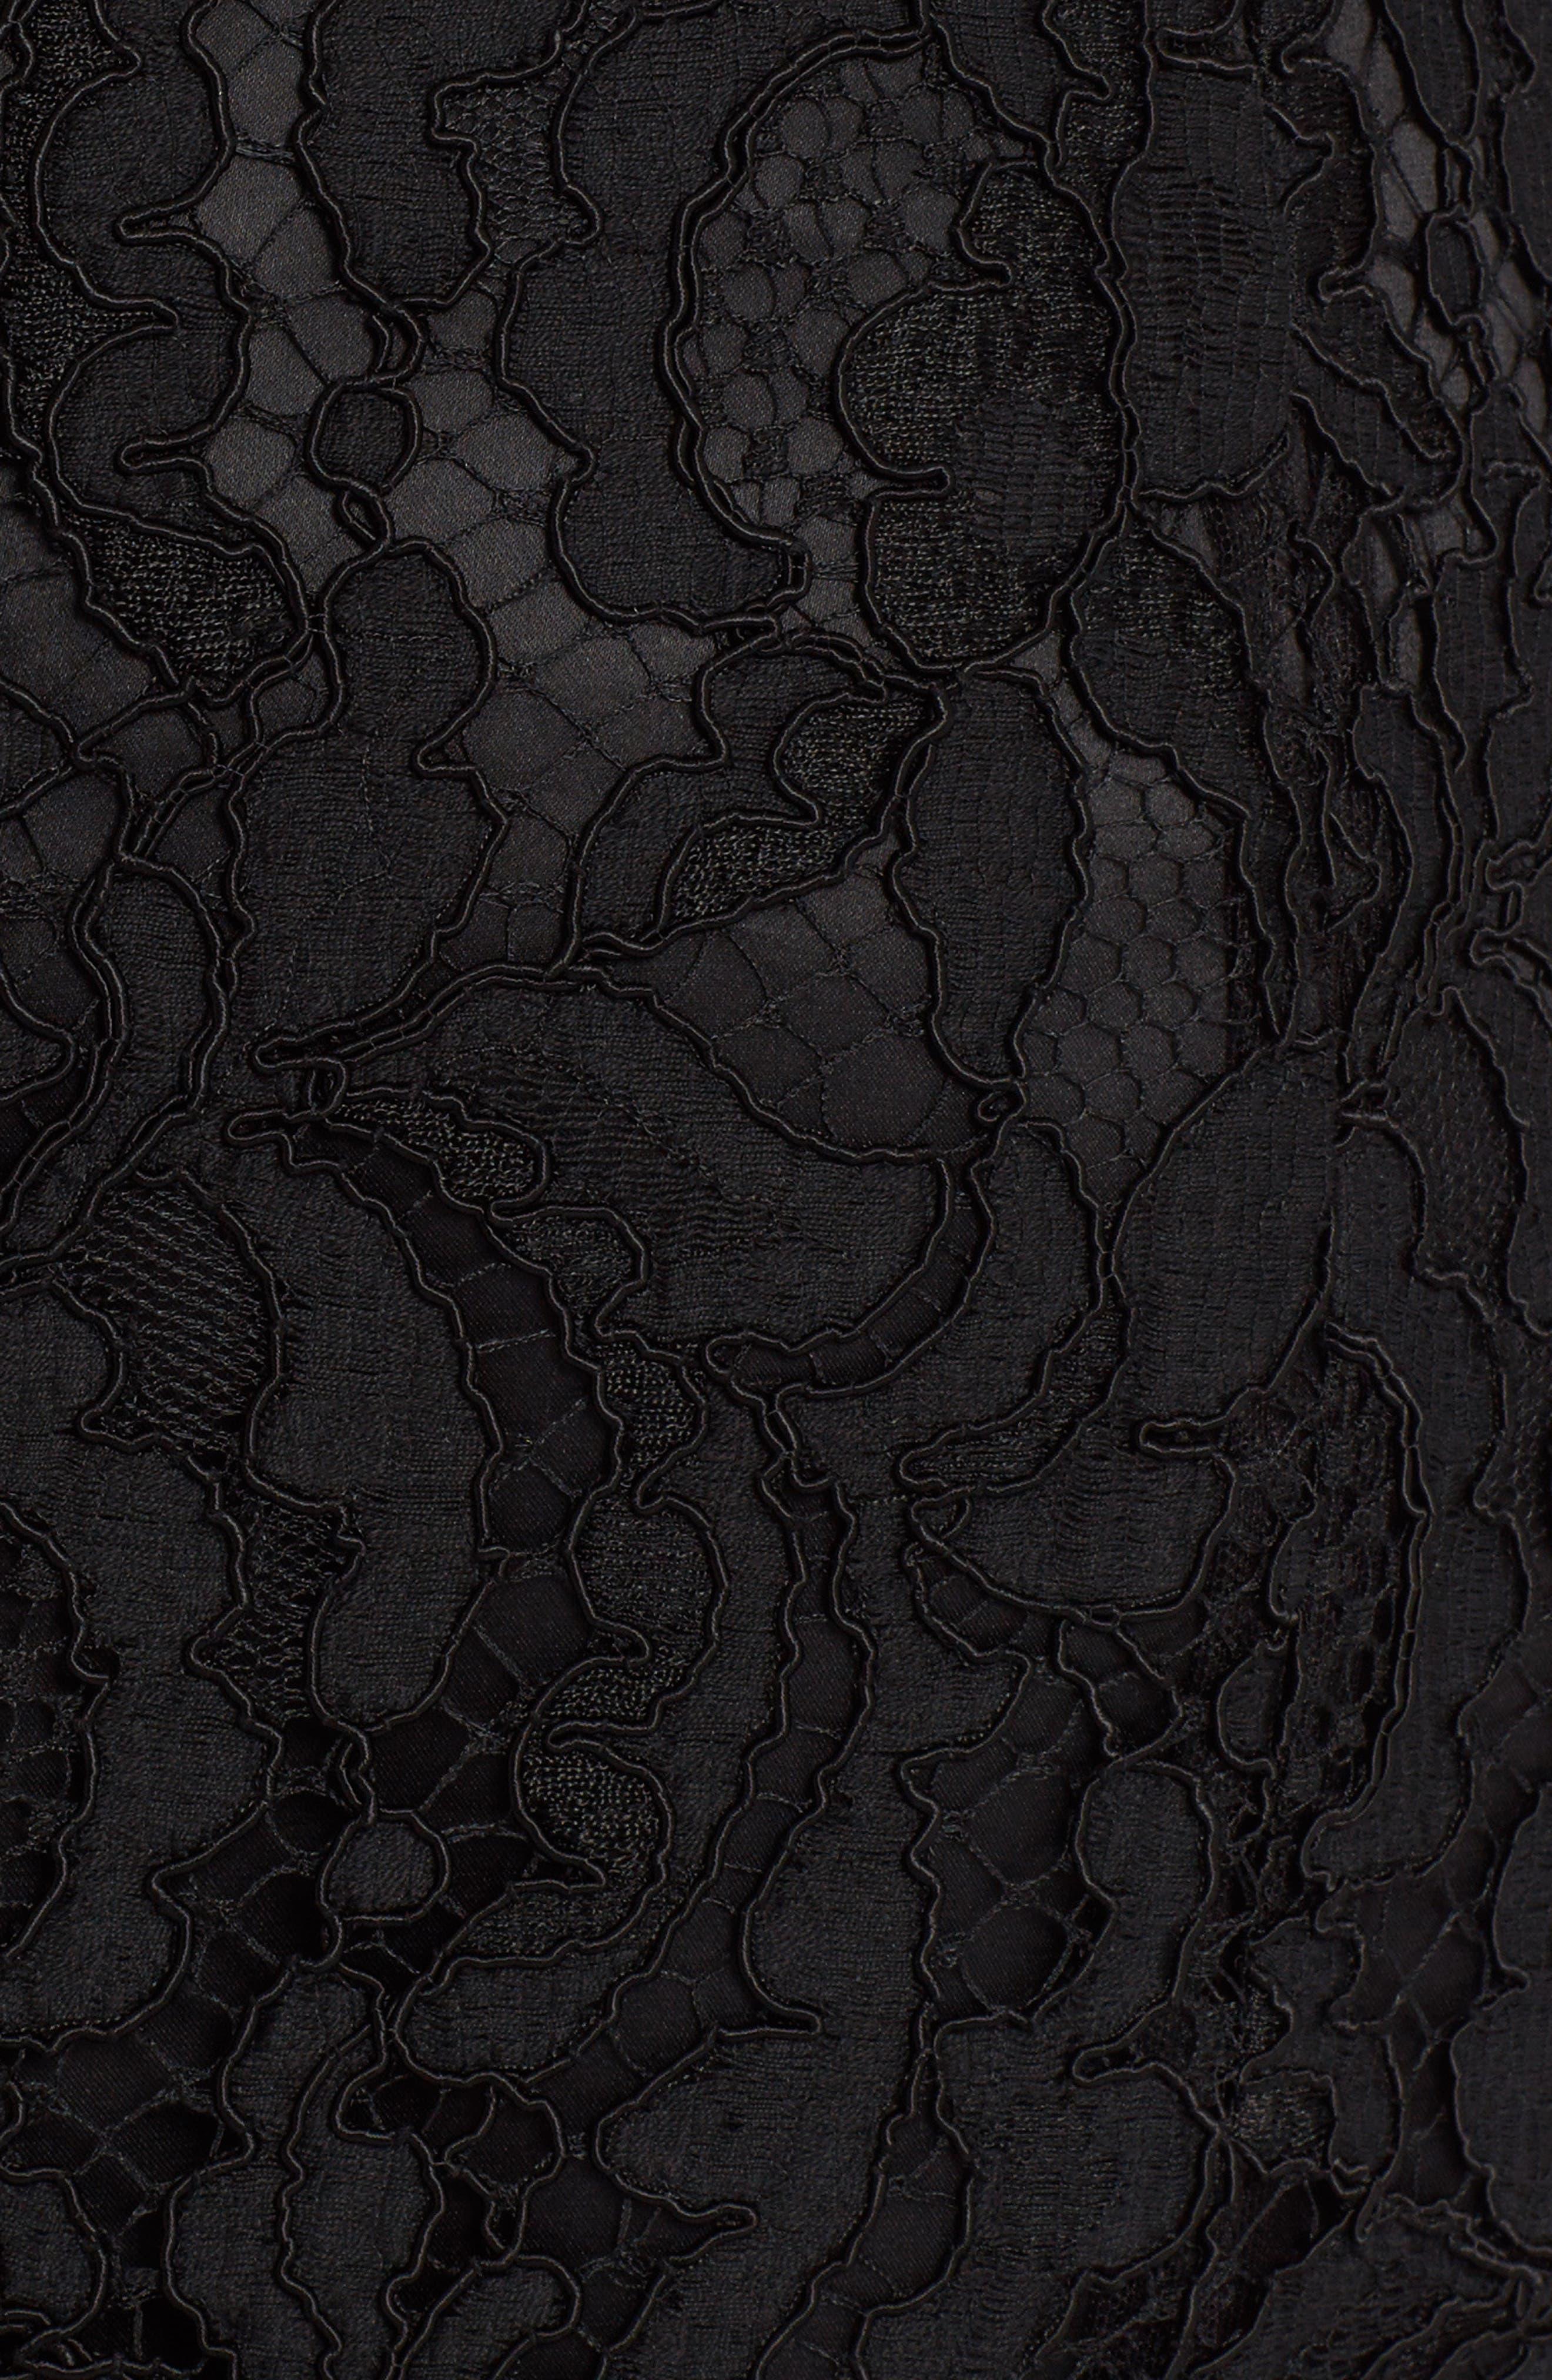 Lace Midi Skirt,                             Alternate thumbnail 5, color,                             BLACK